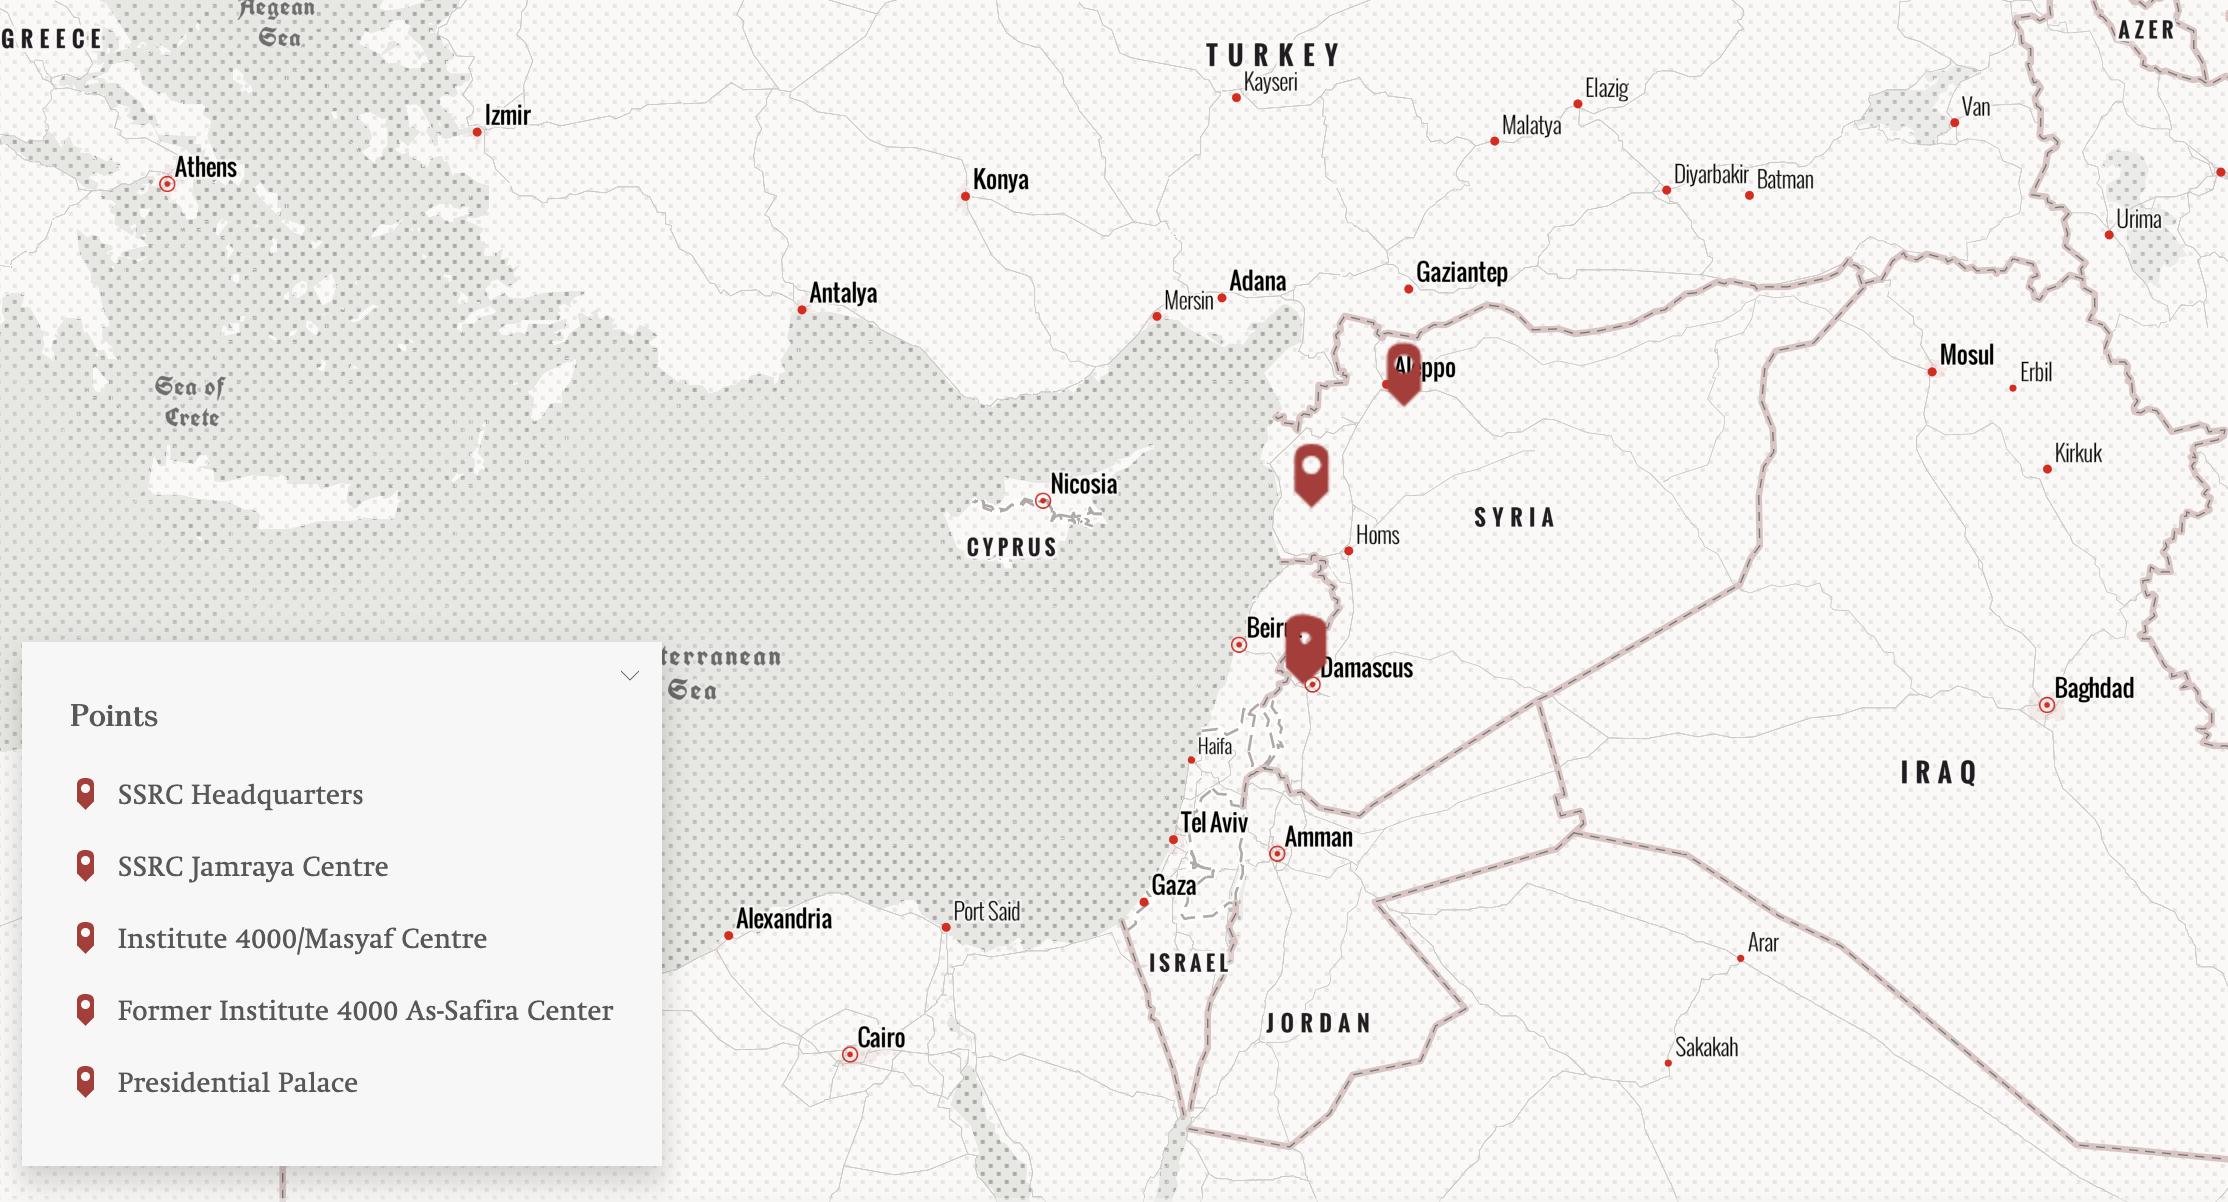 توزع المنشآت التابعة لمركز البحوث في سوريا (الأرشيف السوري)